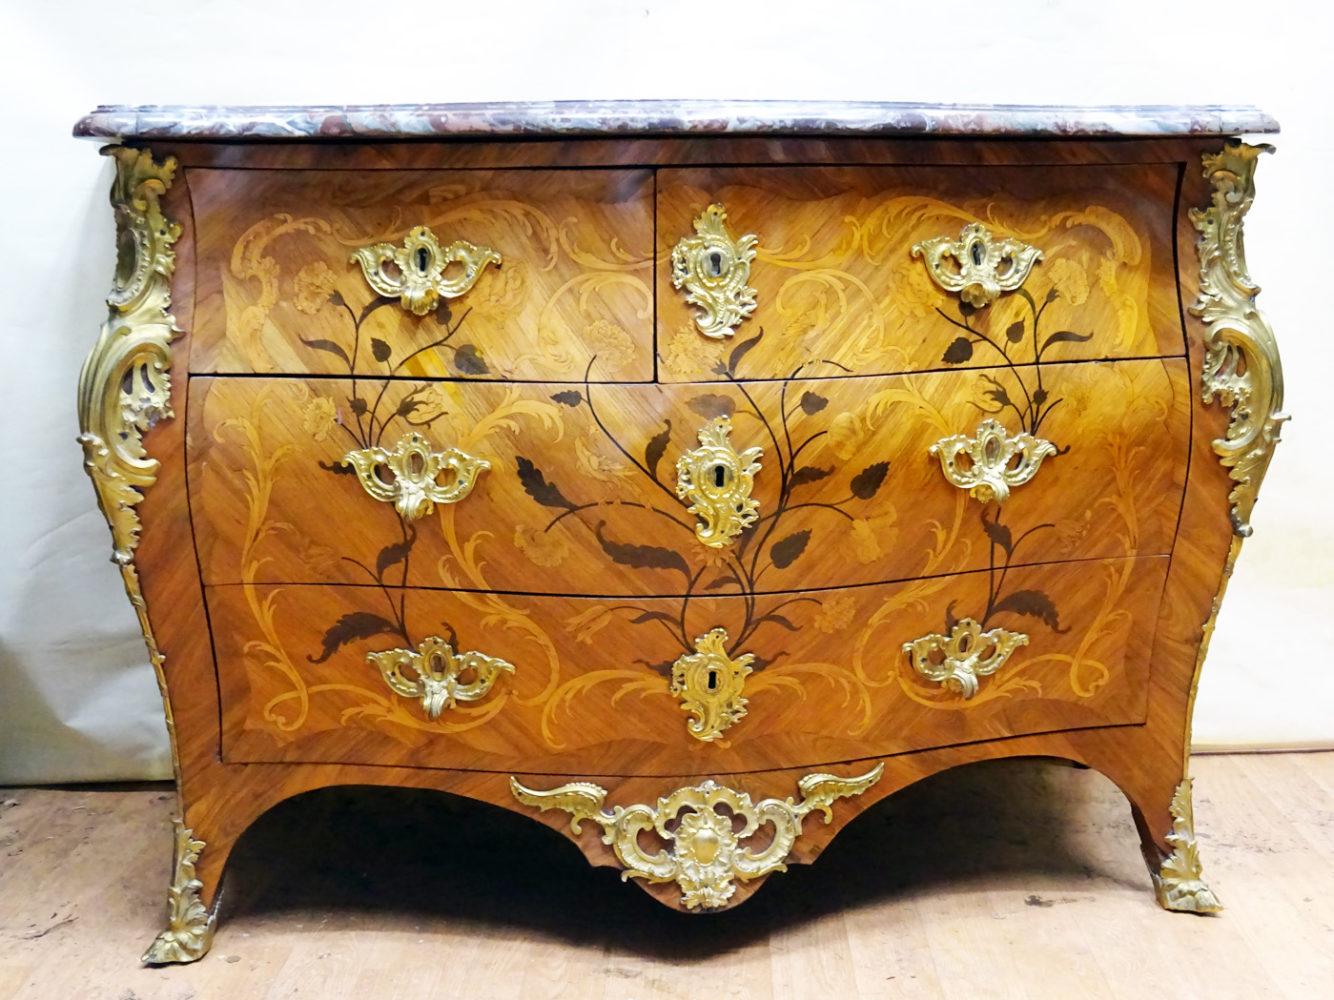 commode louis xvi de delorme 006 luc vaganay eb niste restaurateur de meubles anciens lyon. Black Bedroom Furniture Sets. Home Design Ideas